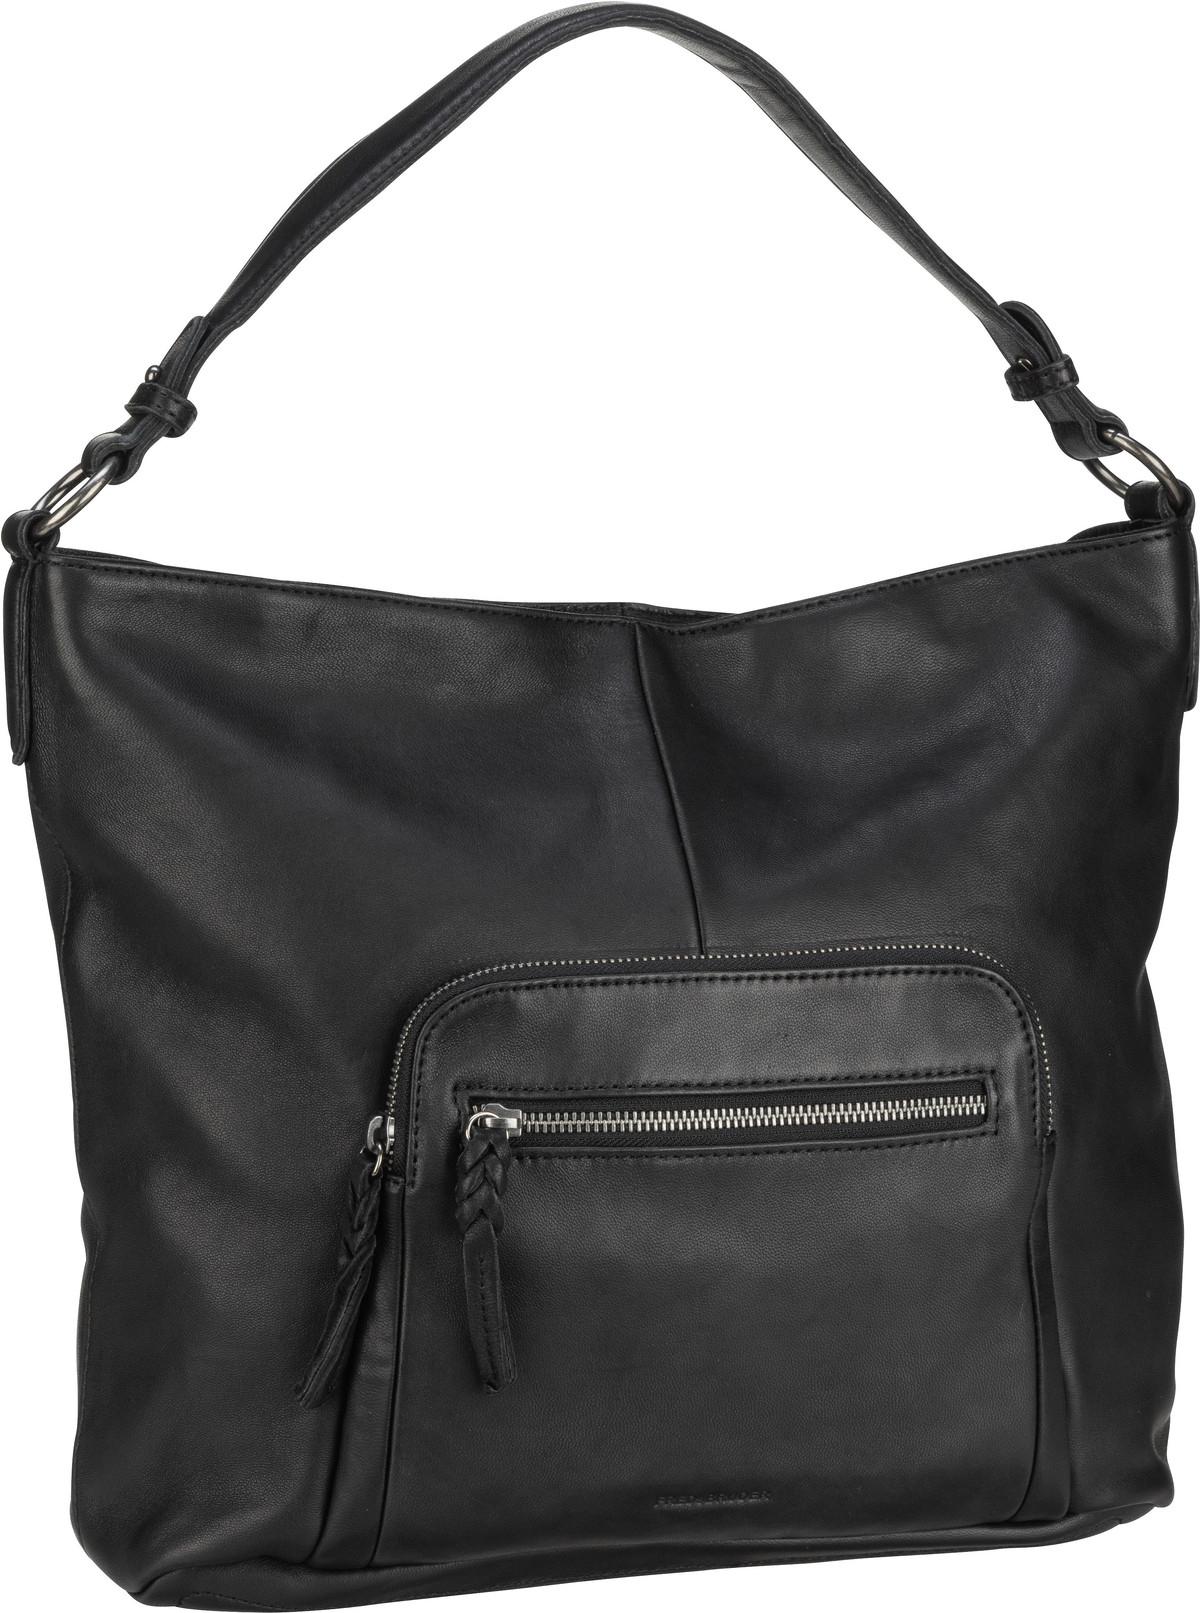 Handtasche Airy Black